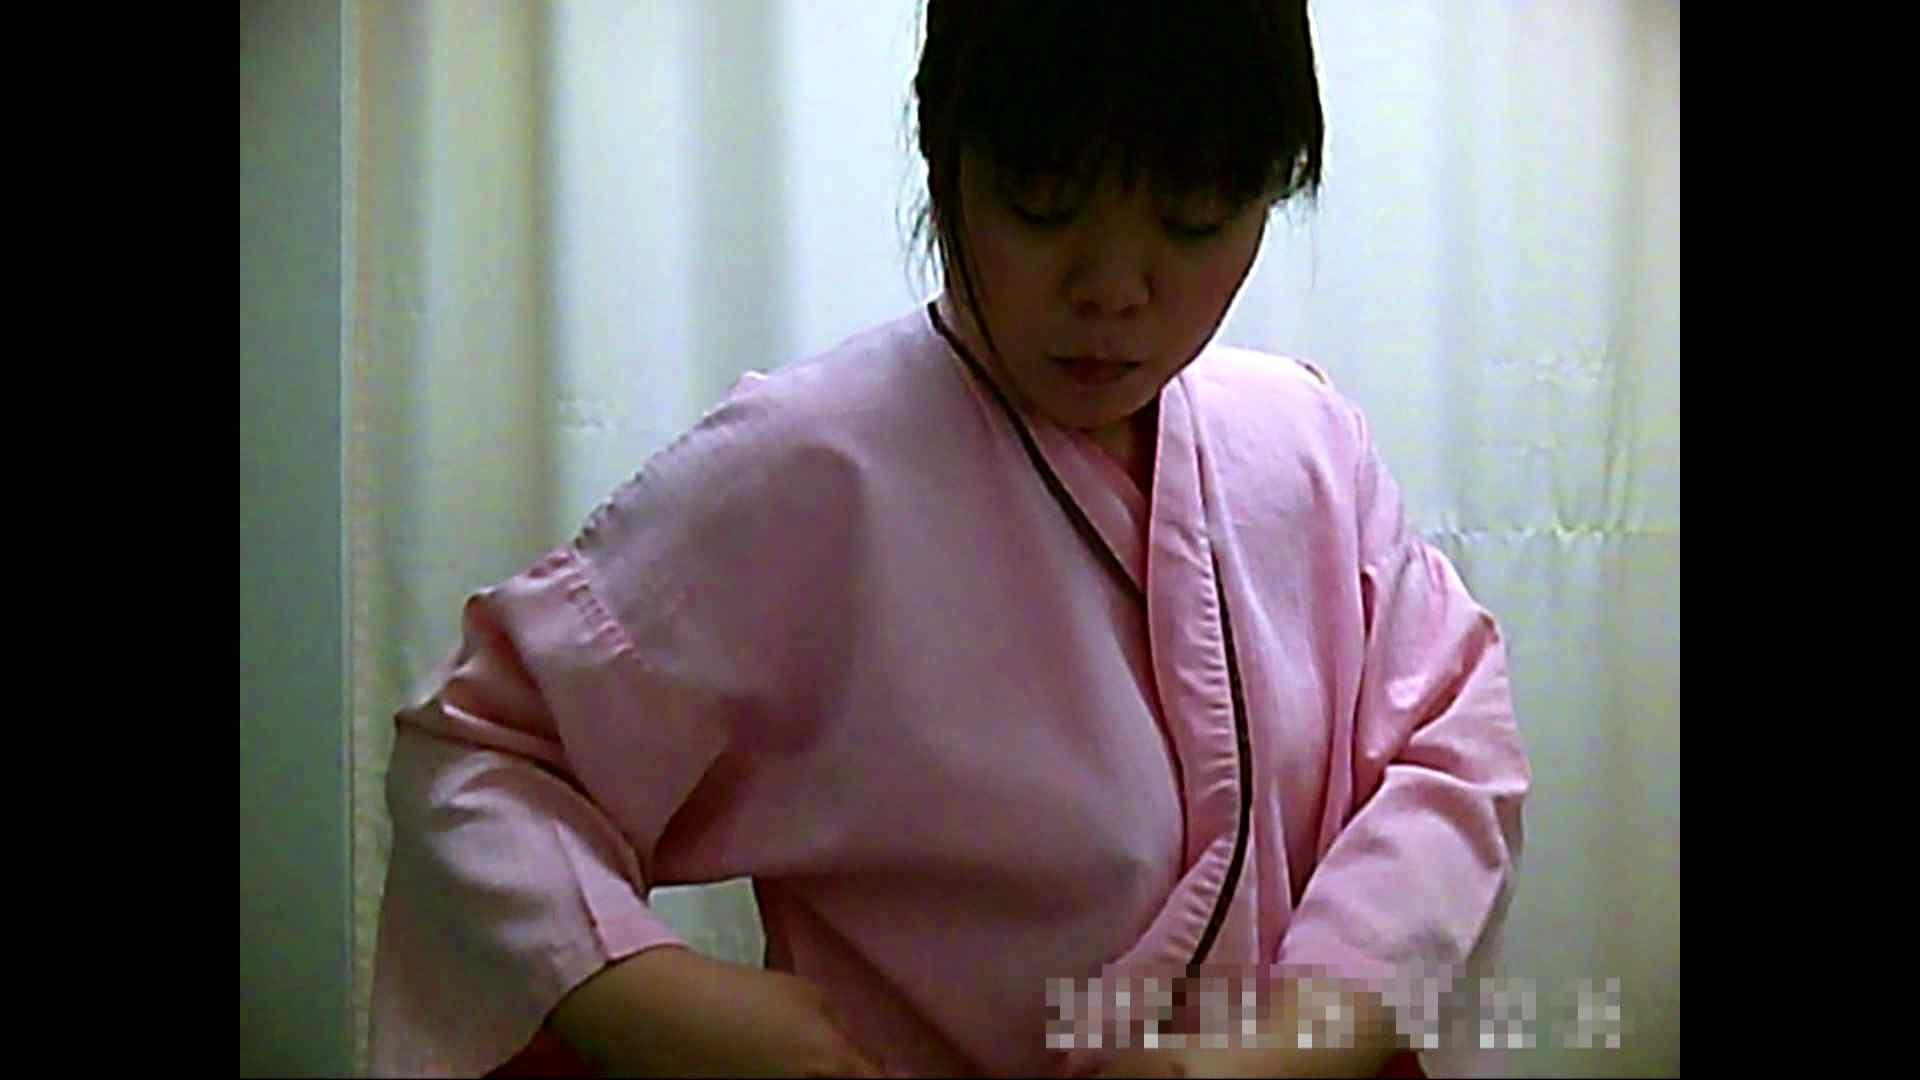 元医者による反抗 更衣室地獄絵巻 vol.007 OL  85pic 4